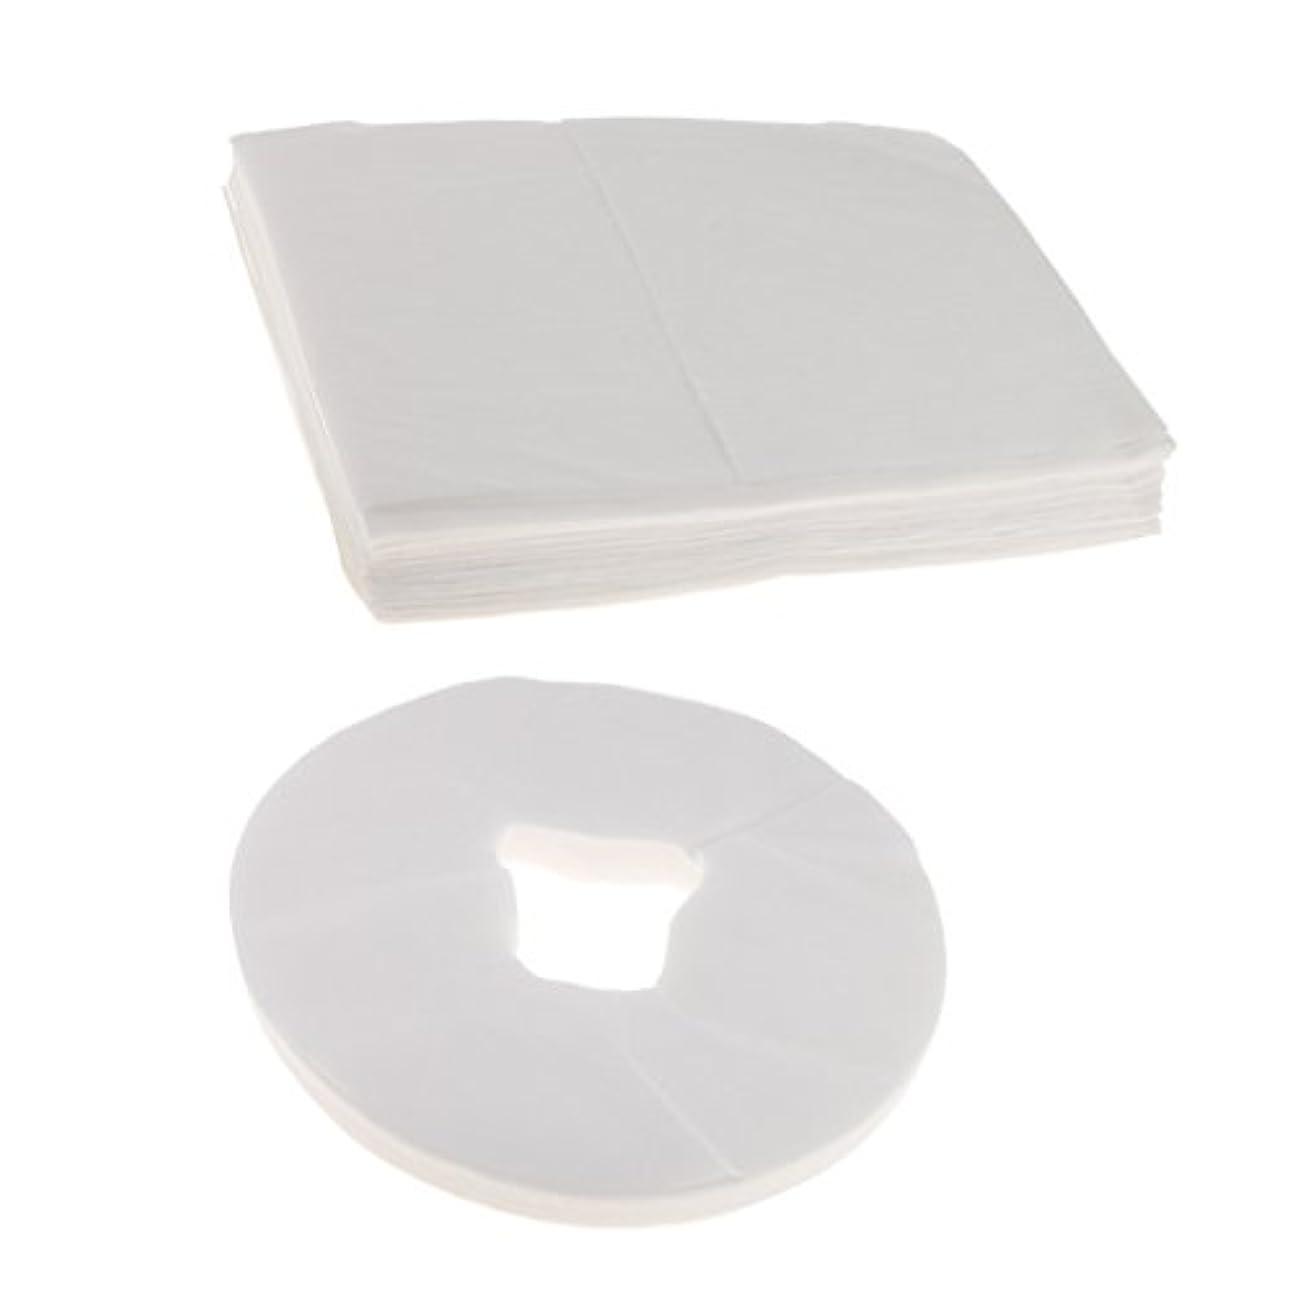 サーバント通常一過性CUTICATE 100ホワイト使い捨てマッサージテーブルフェイスクレードルクッションカバー+10ベッドシーツ